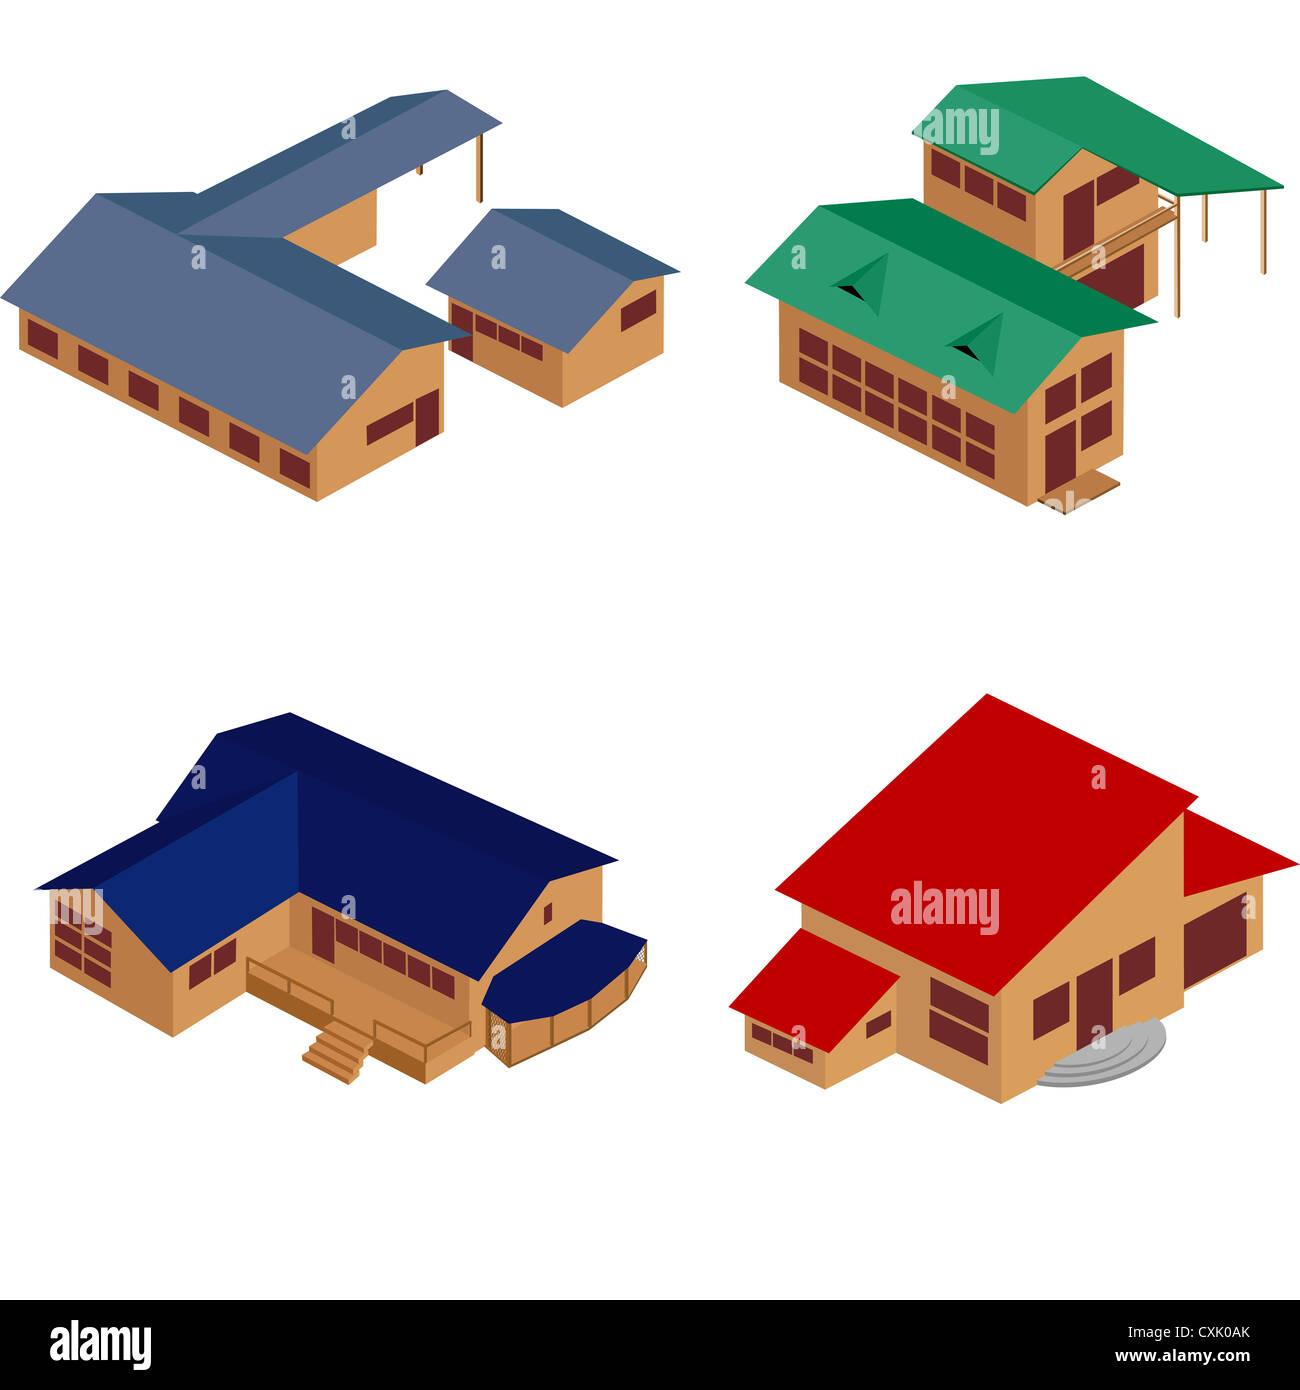 House isometric icons - Stock Image